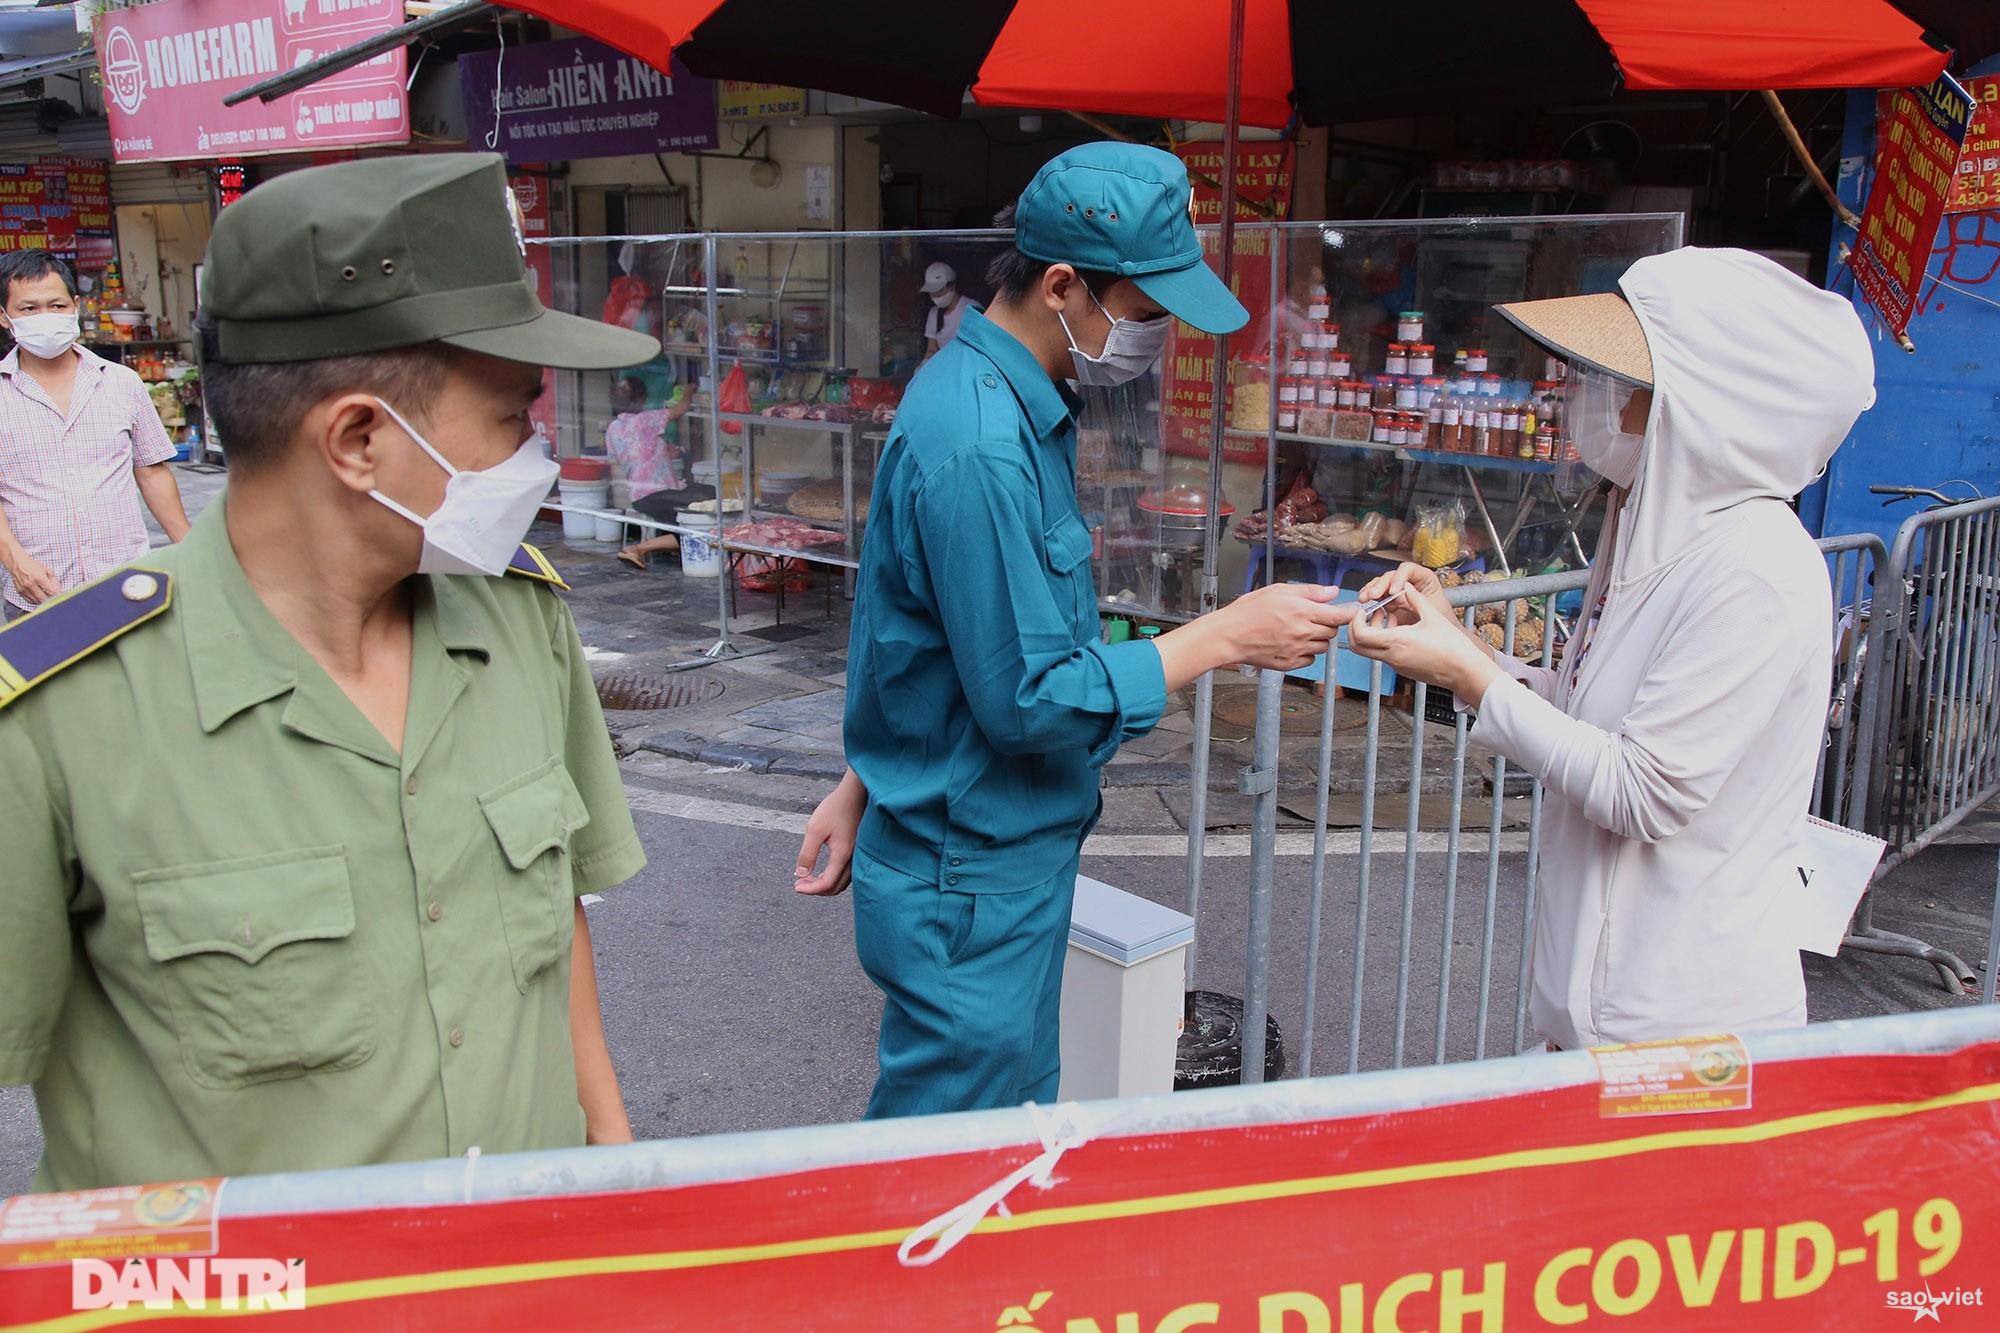 Mới lạ cảnh mua bán bằng ám hiệu ngón tay ở chợ nhà giàu phố cổ Hà Nội - 4